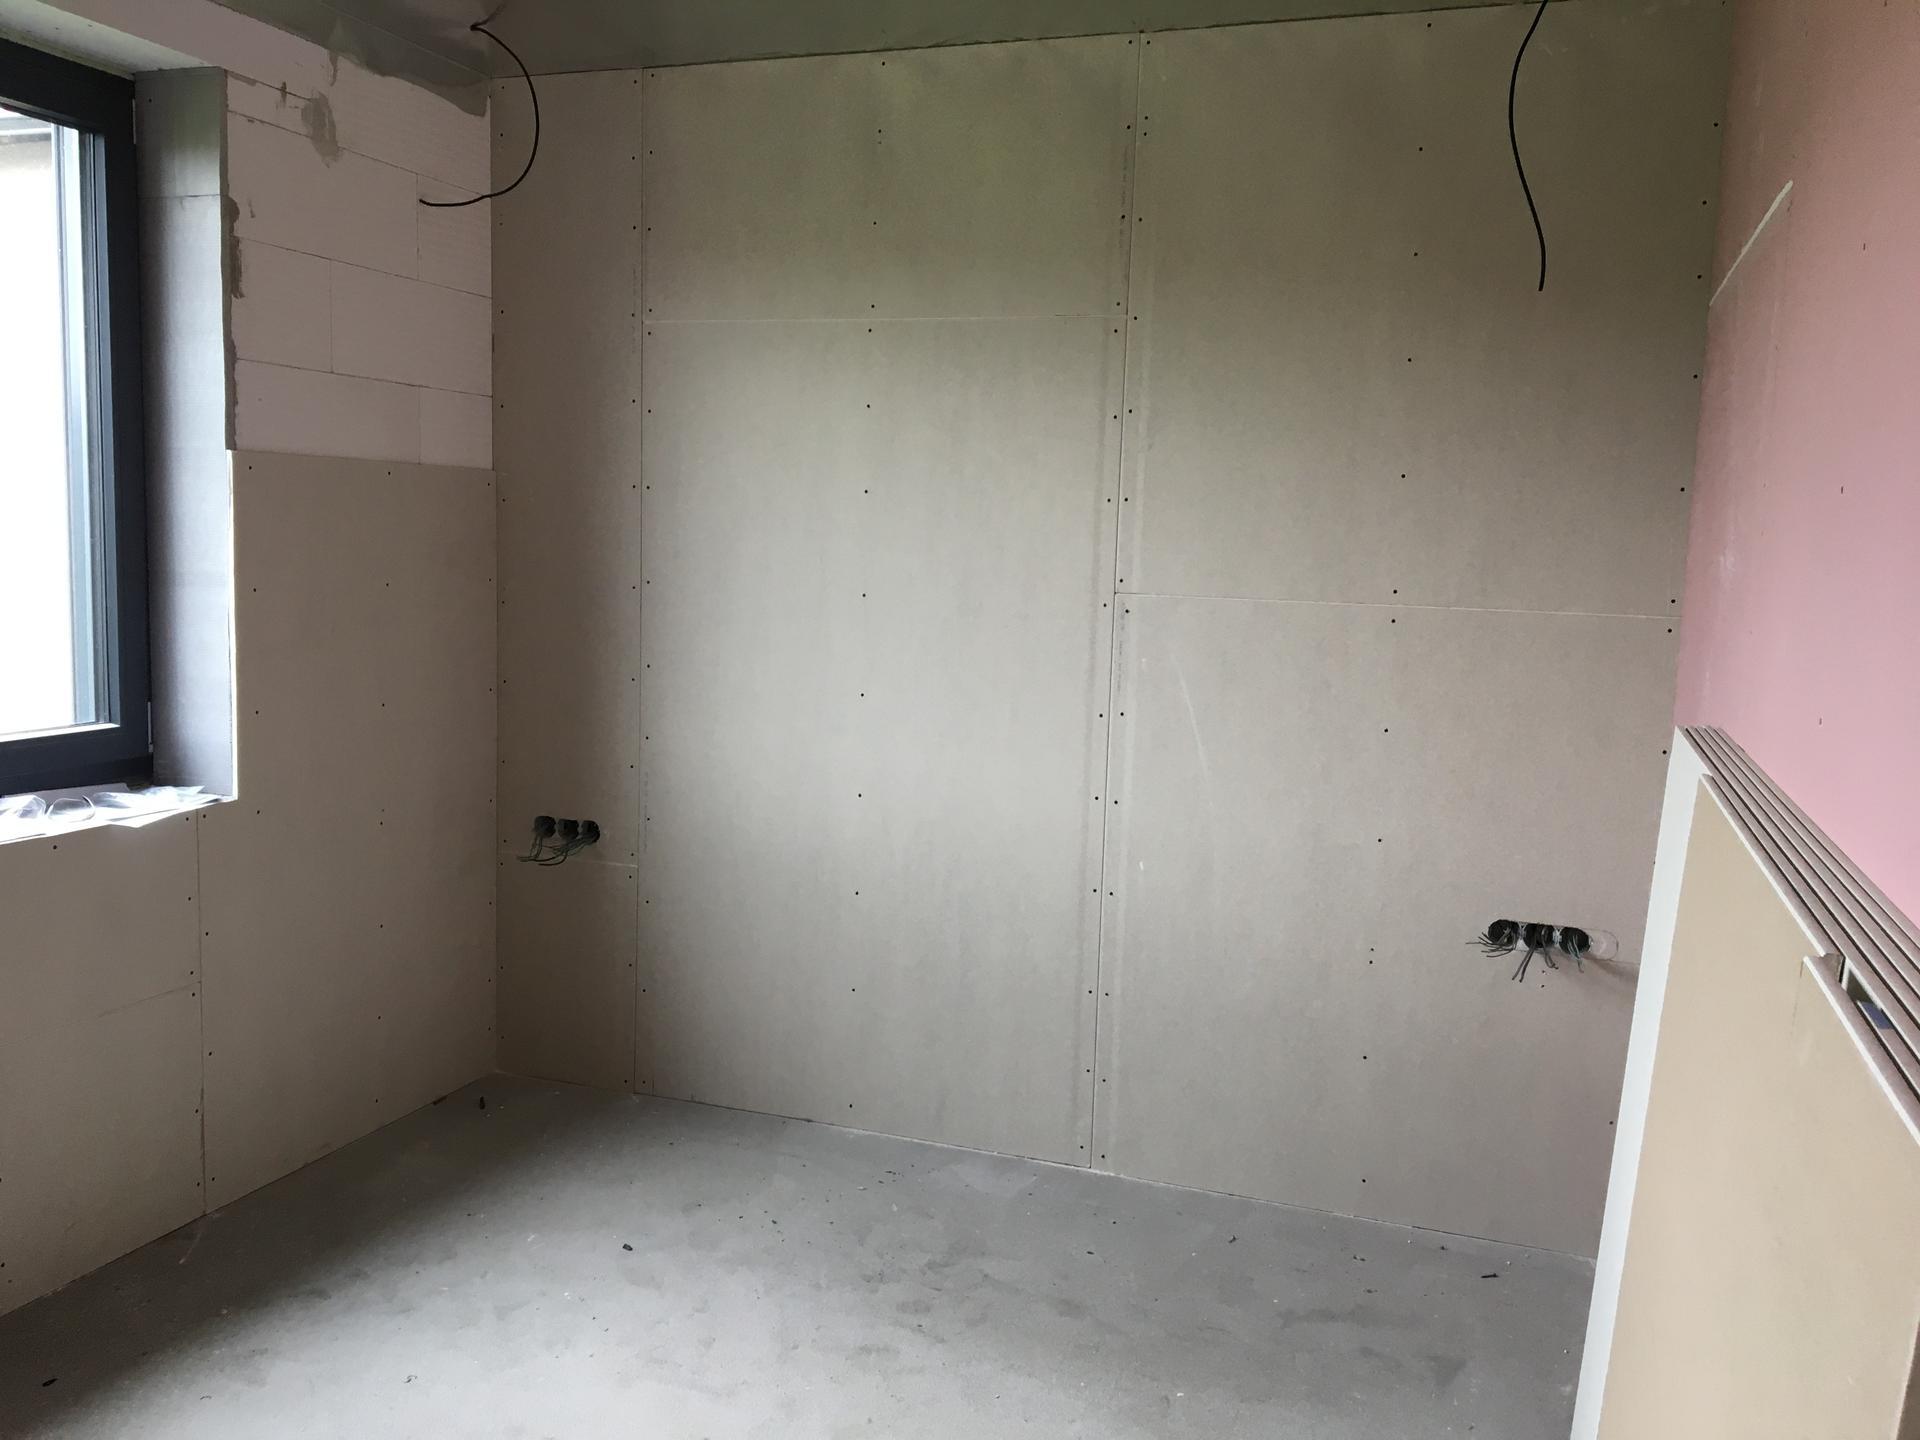 Dům do L - stavba 2020/2021 - Zaklopené pokoje